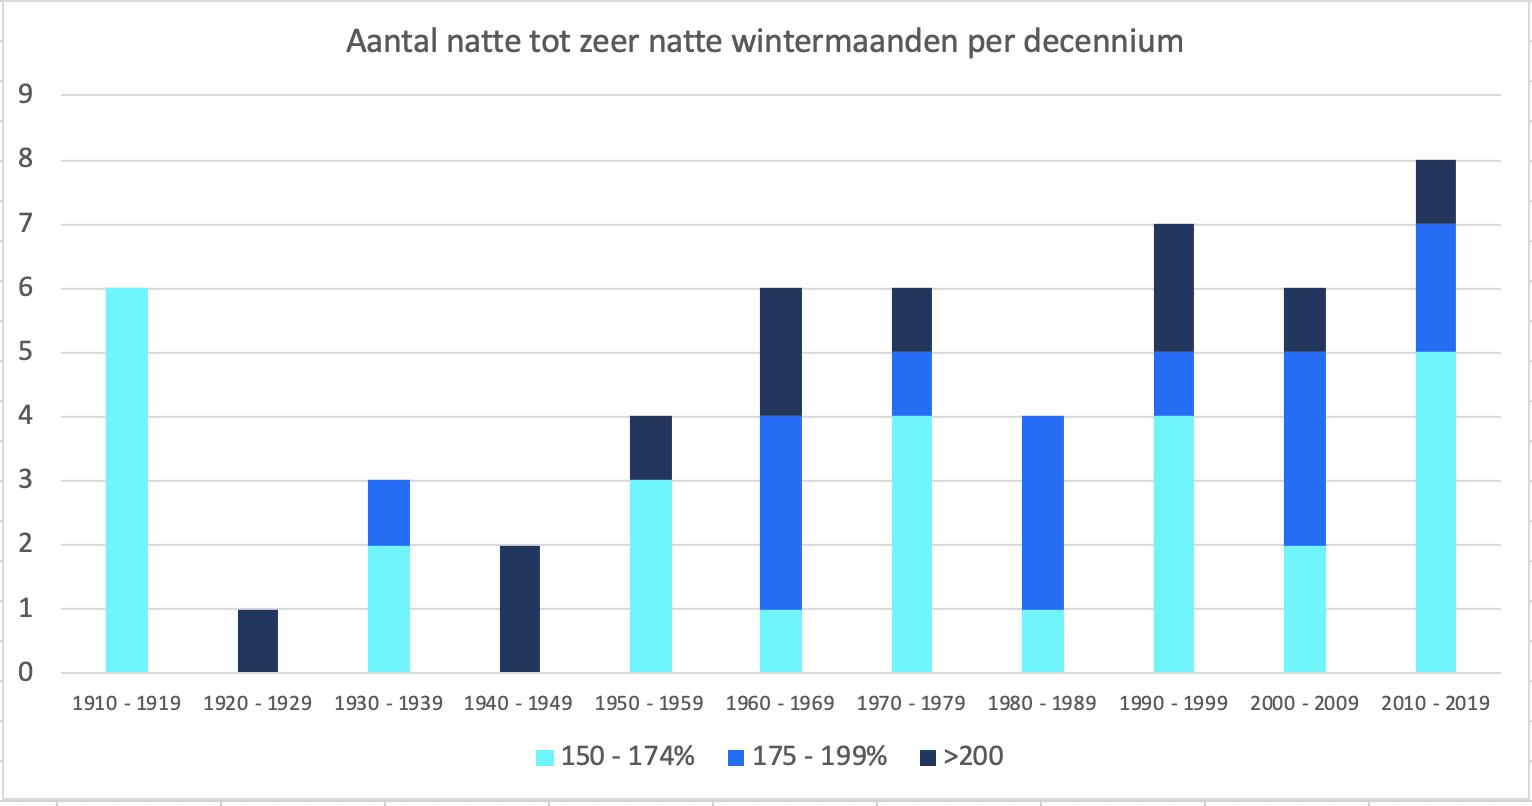 Aantal natte tot zeer natte wintermaanden per periode van 10 jaar.